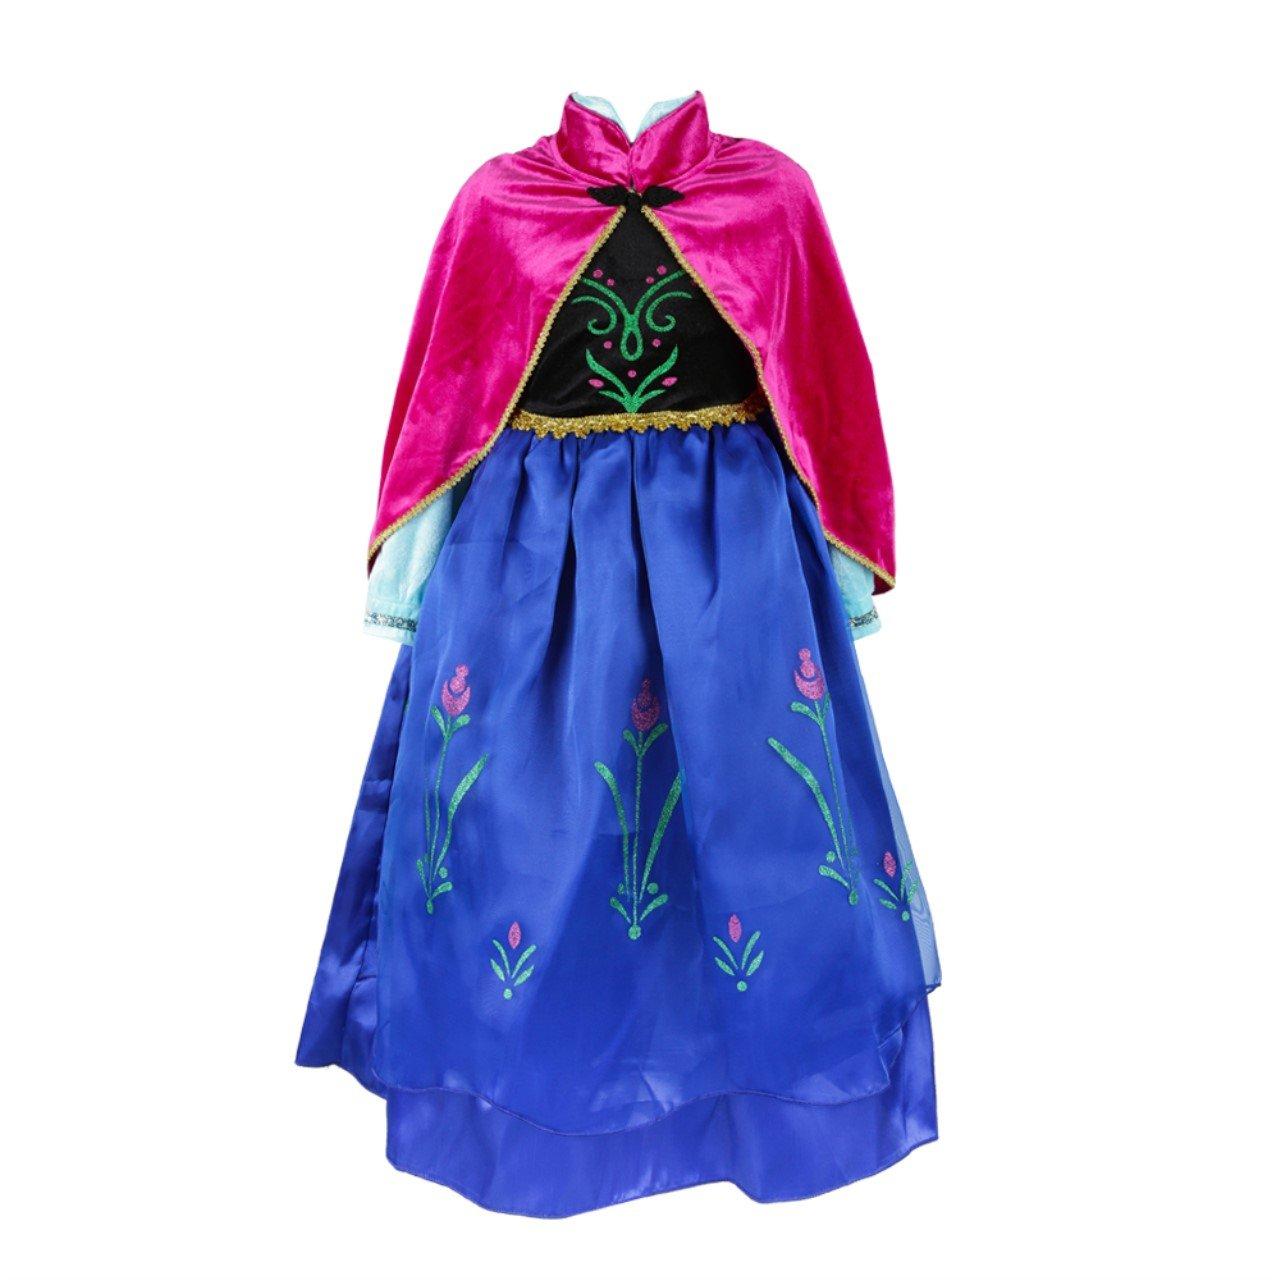 ELSA & ANNA® Princesa Disfraz Traje Parte Las Niñas Vestido (Girls Princess Fancy Dress) ES-DRESS308-SEP (3-4 Años, ES-SEP308) product image